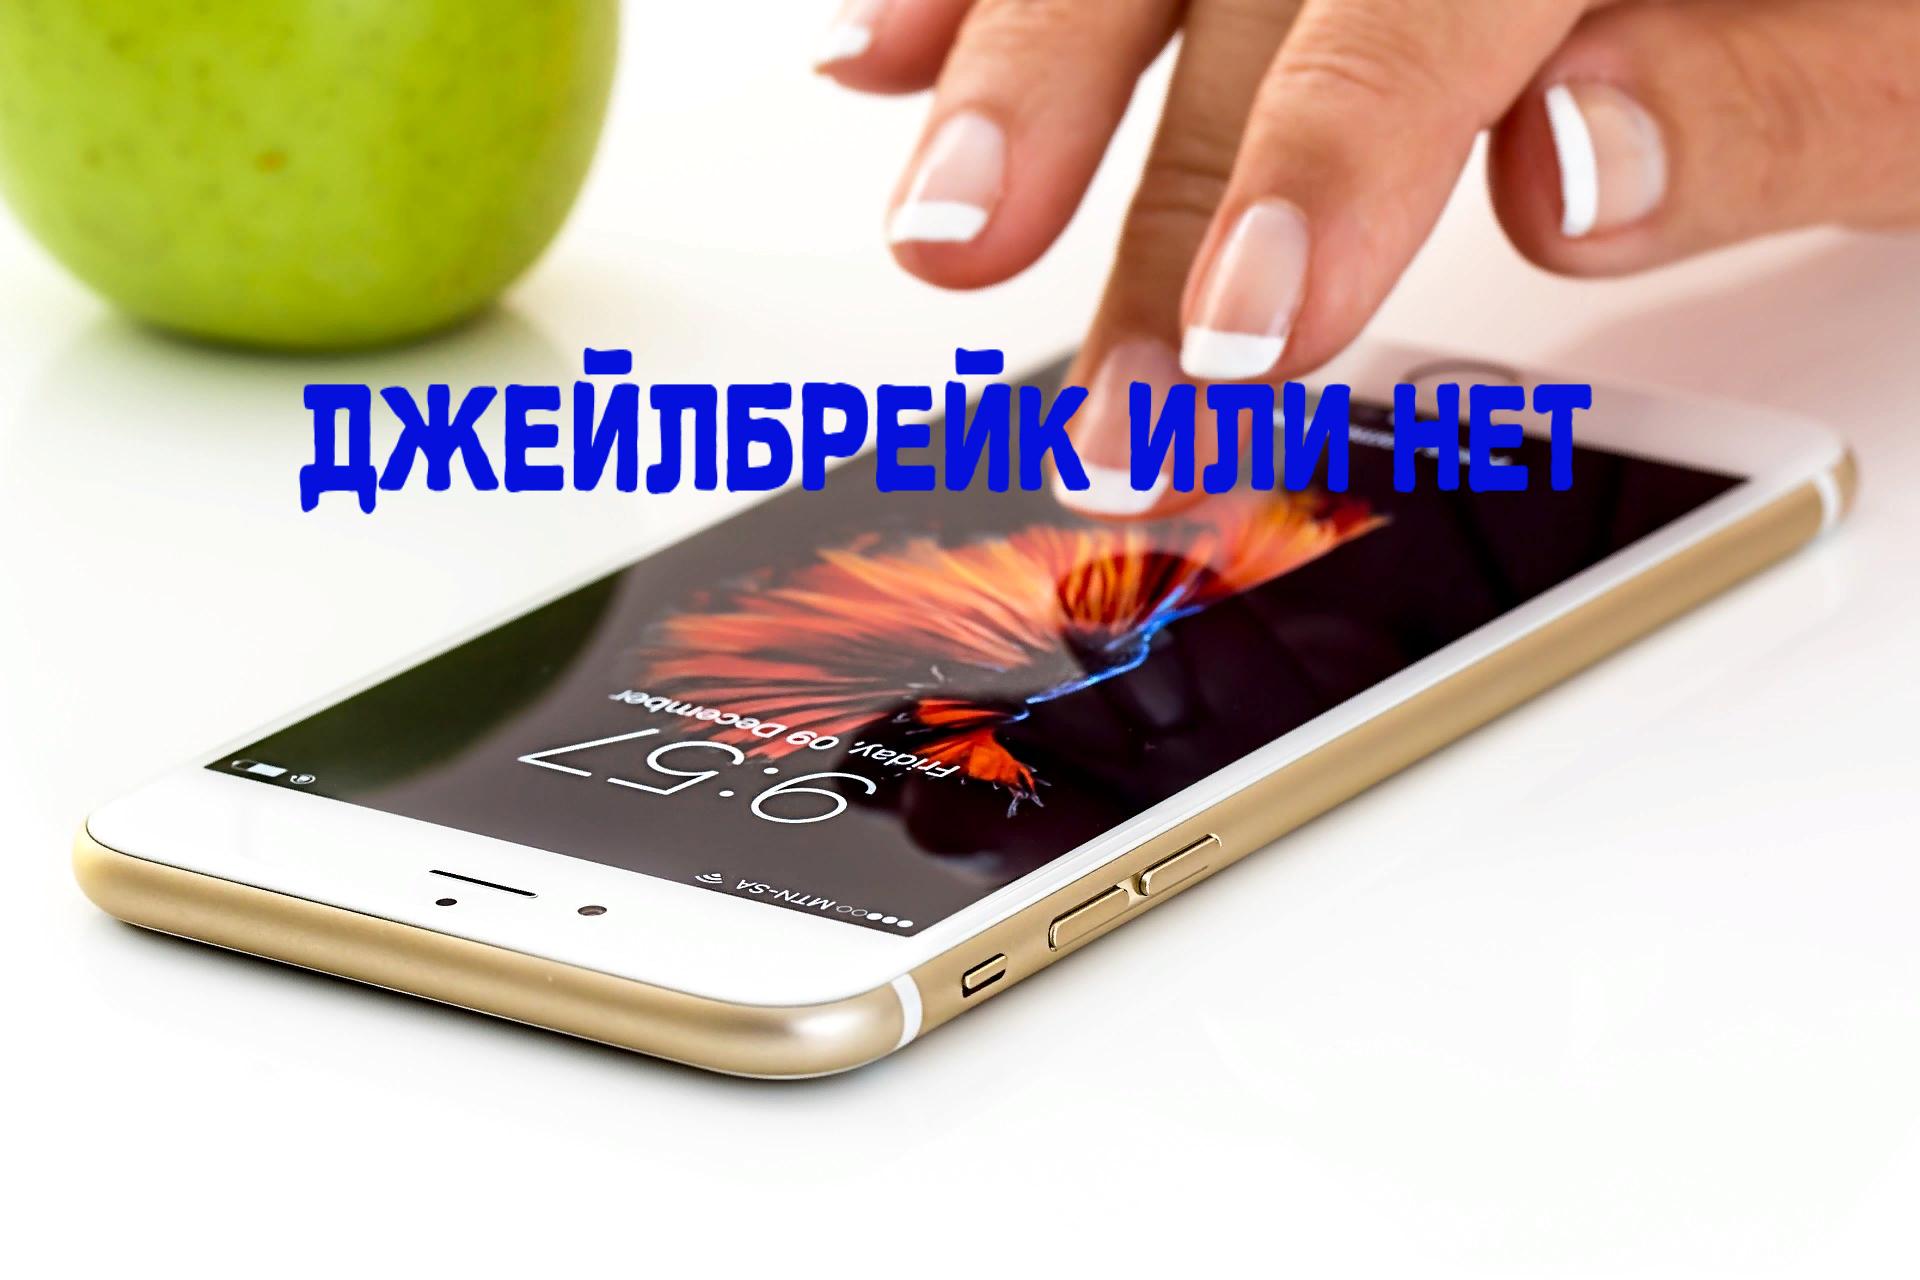 ?? Как проверить, взломан ли iPhone (джейлбрейк) или нет